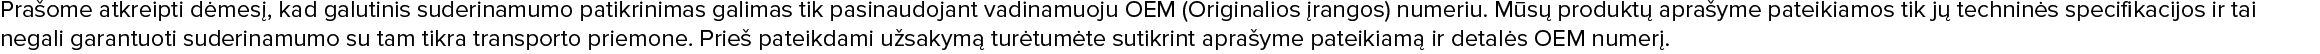 LEMFÖRDER 1 124 322, 31 33 1 124 322 spyruoklės tvirtinimas